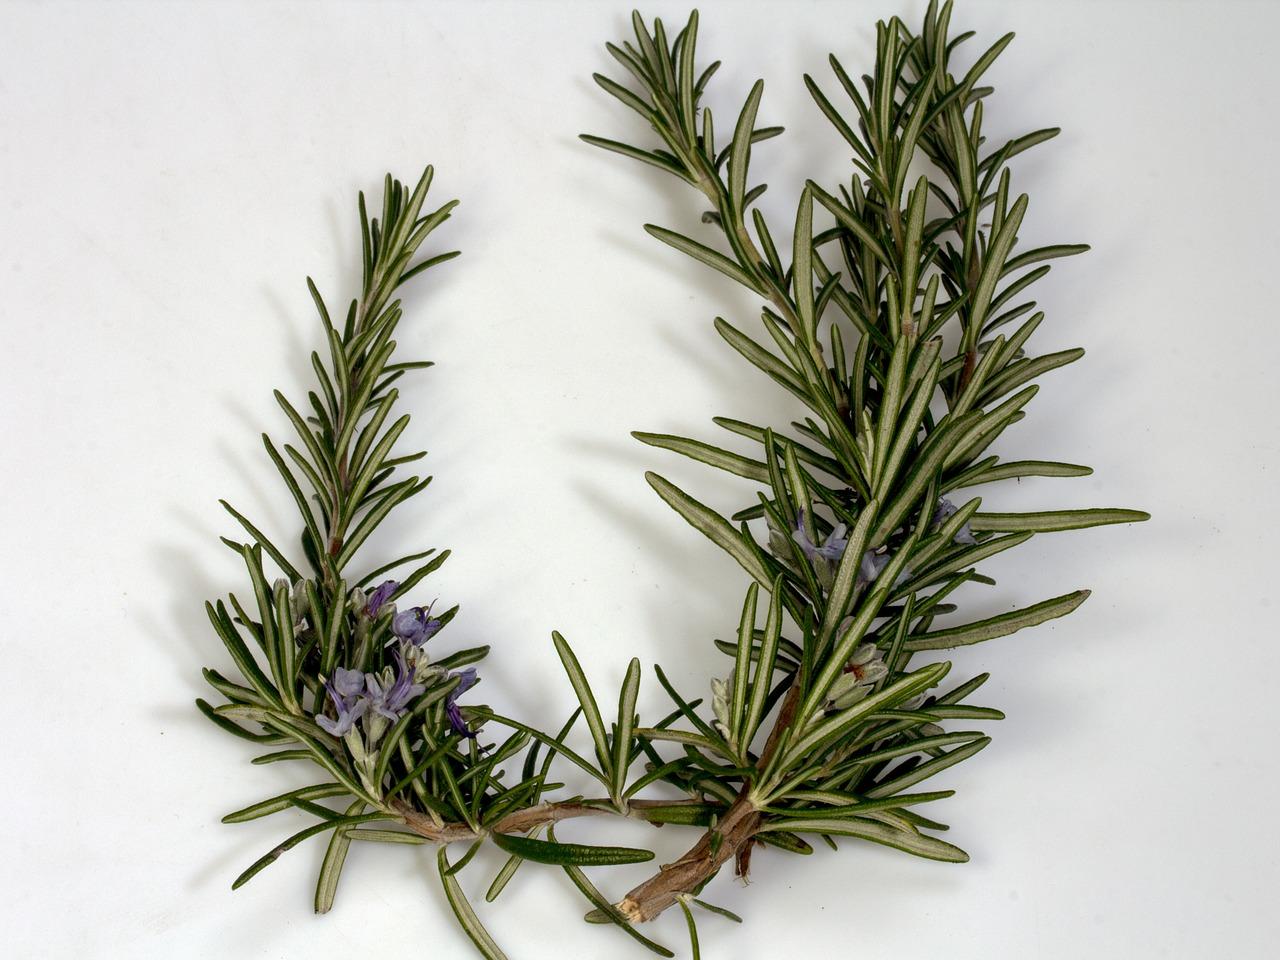 Rozmarín sa vkuchyni sa so svojou výraznou vôňou kombinuje sozeleninou alebo sa pridáva do džemov.